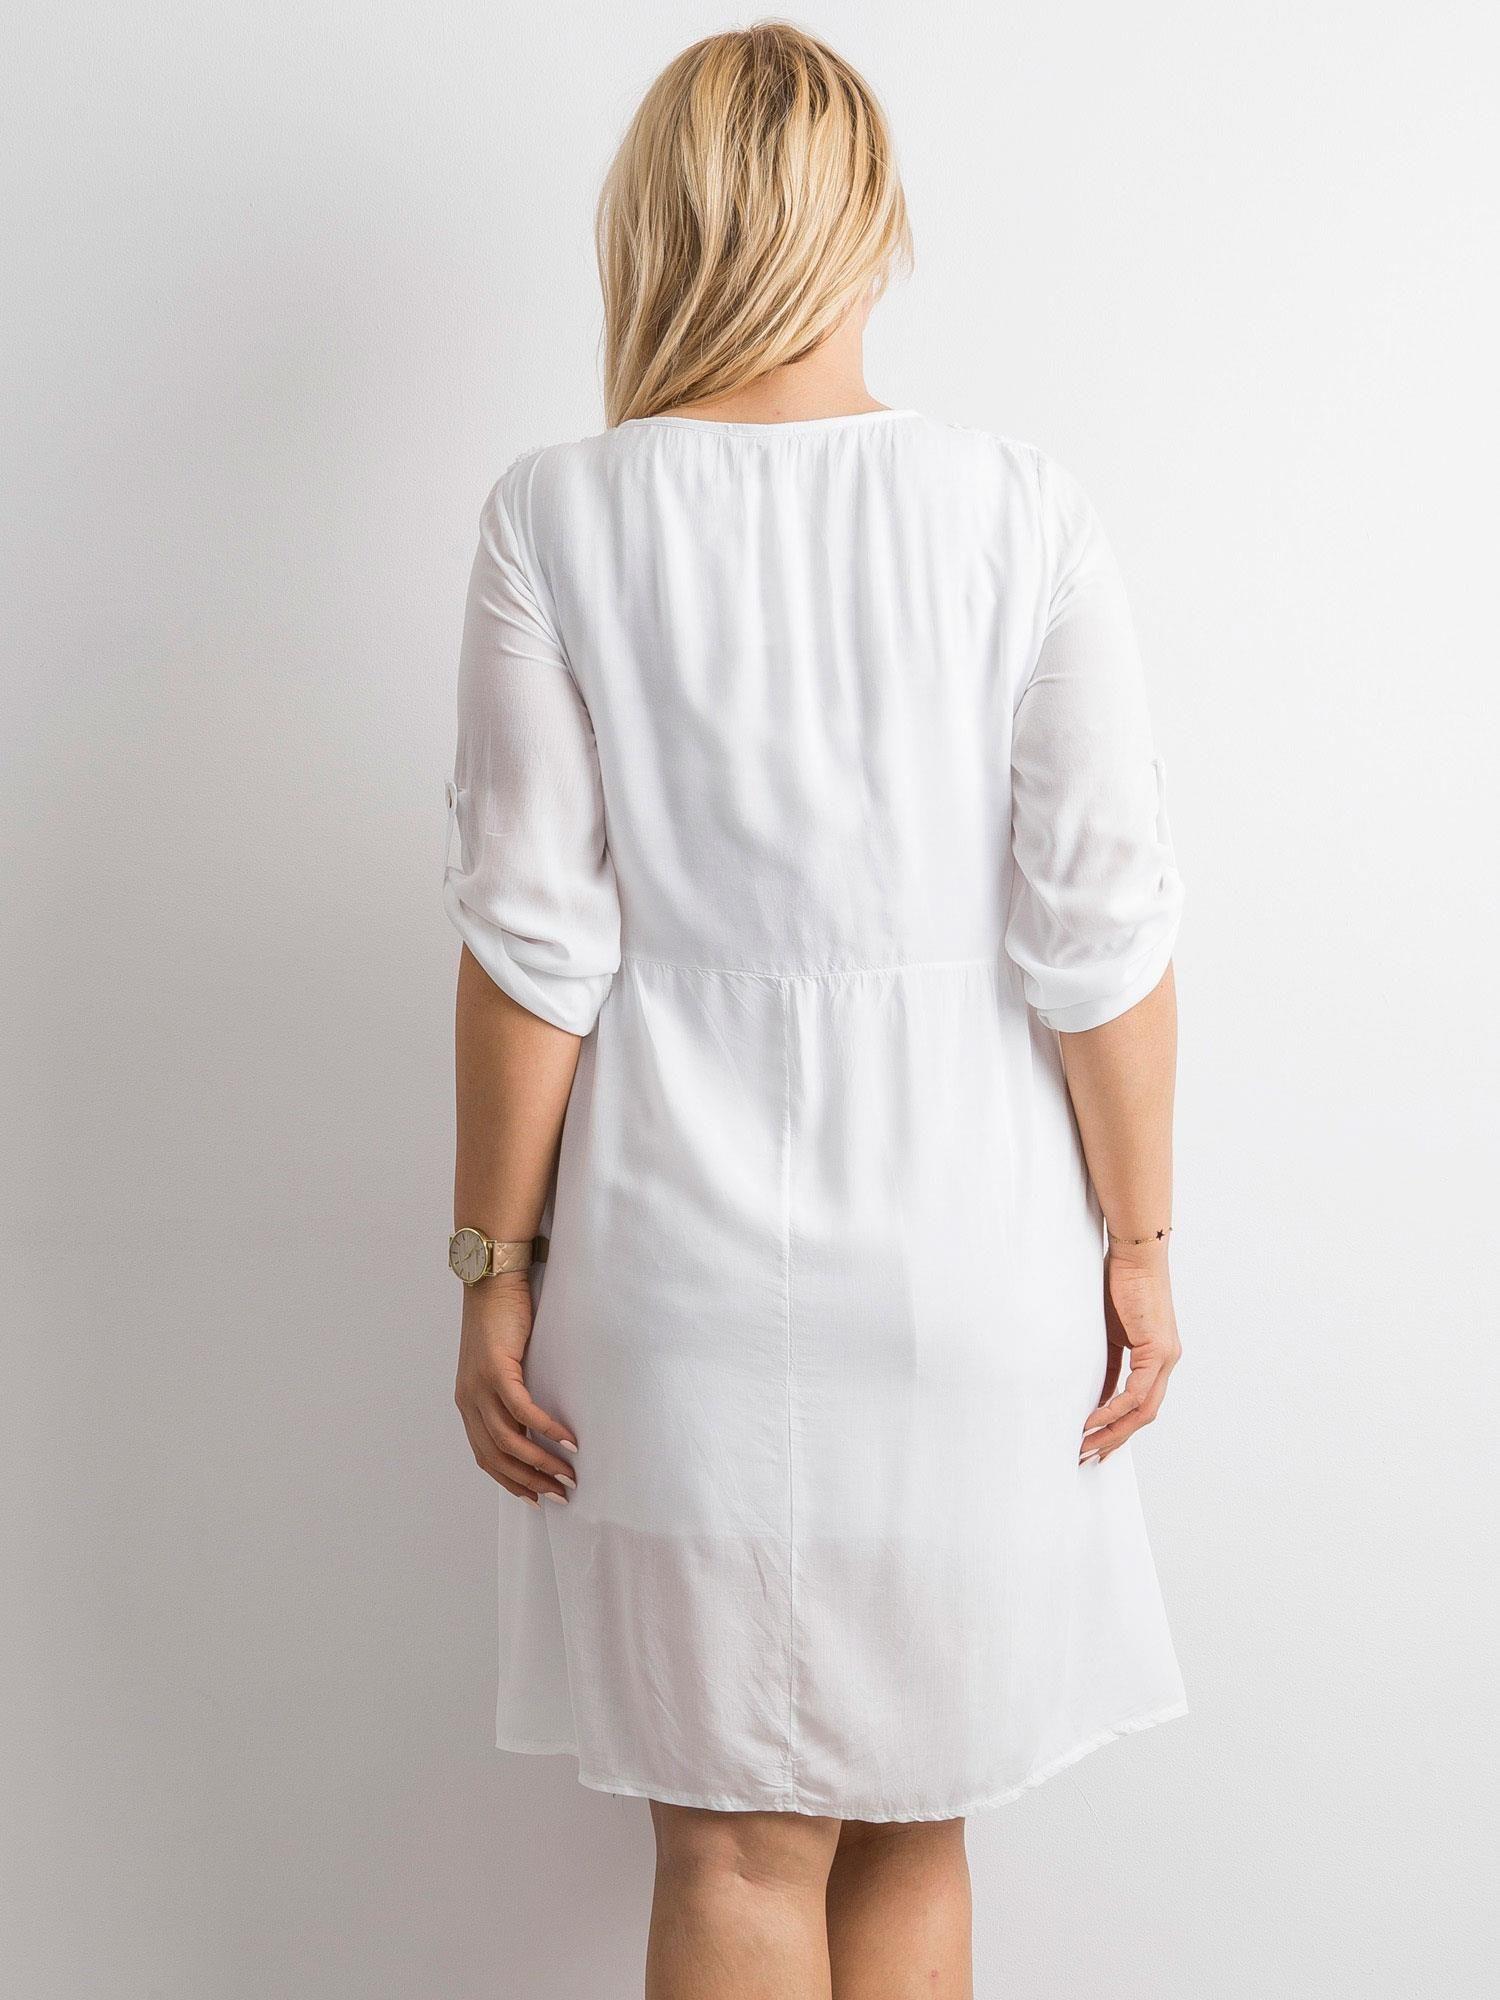 57a496d539 Biała damska sukienka z koronką PLUS SIZE - Sukienka plus size ...